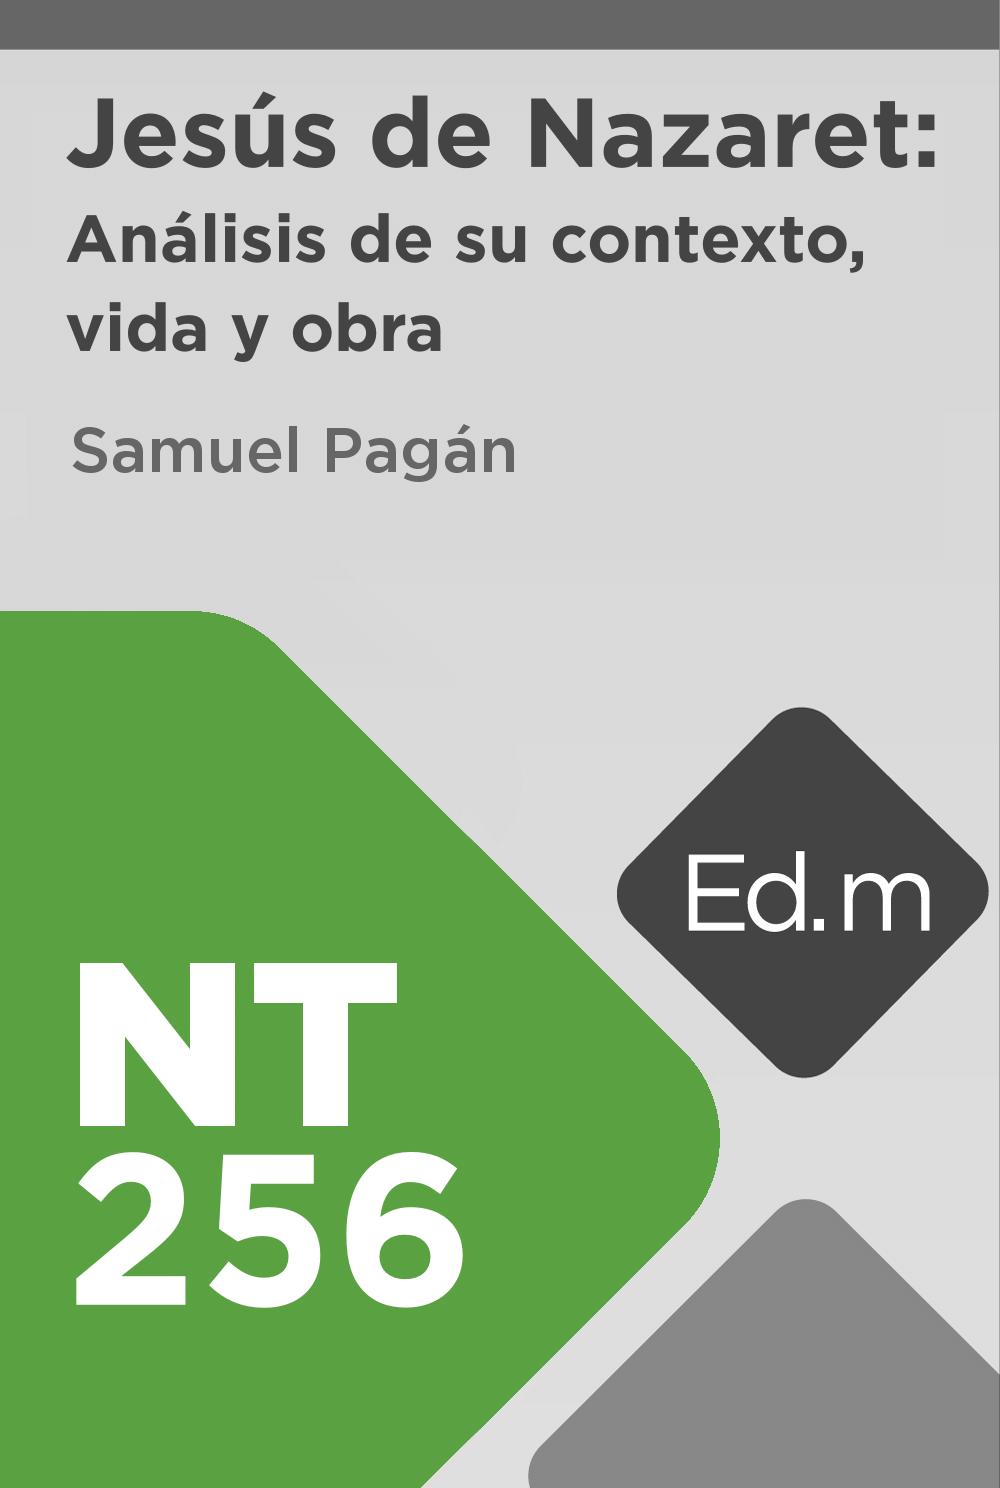 Ed. Móvil: NT256 Jesús de Nazaret: Análisis de su contexto, vida y obra